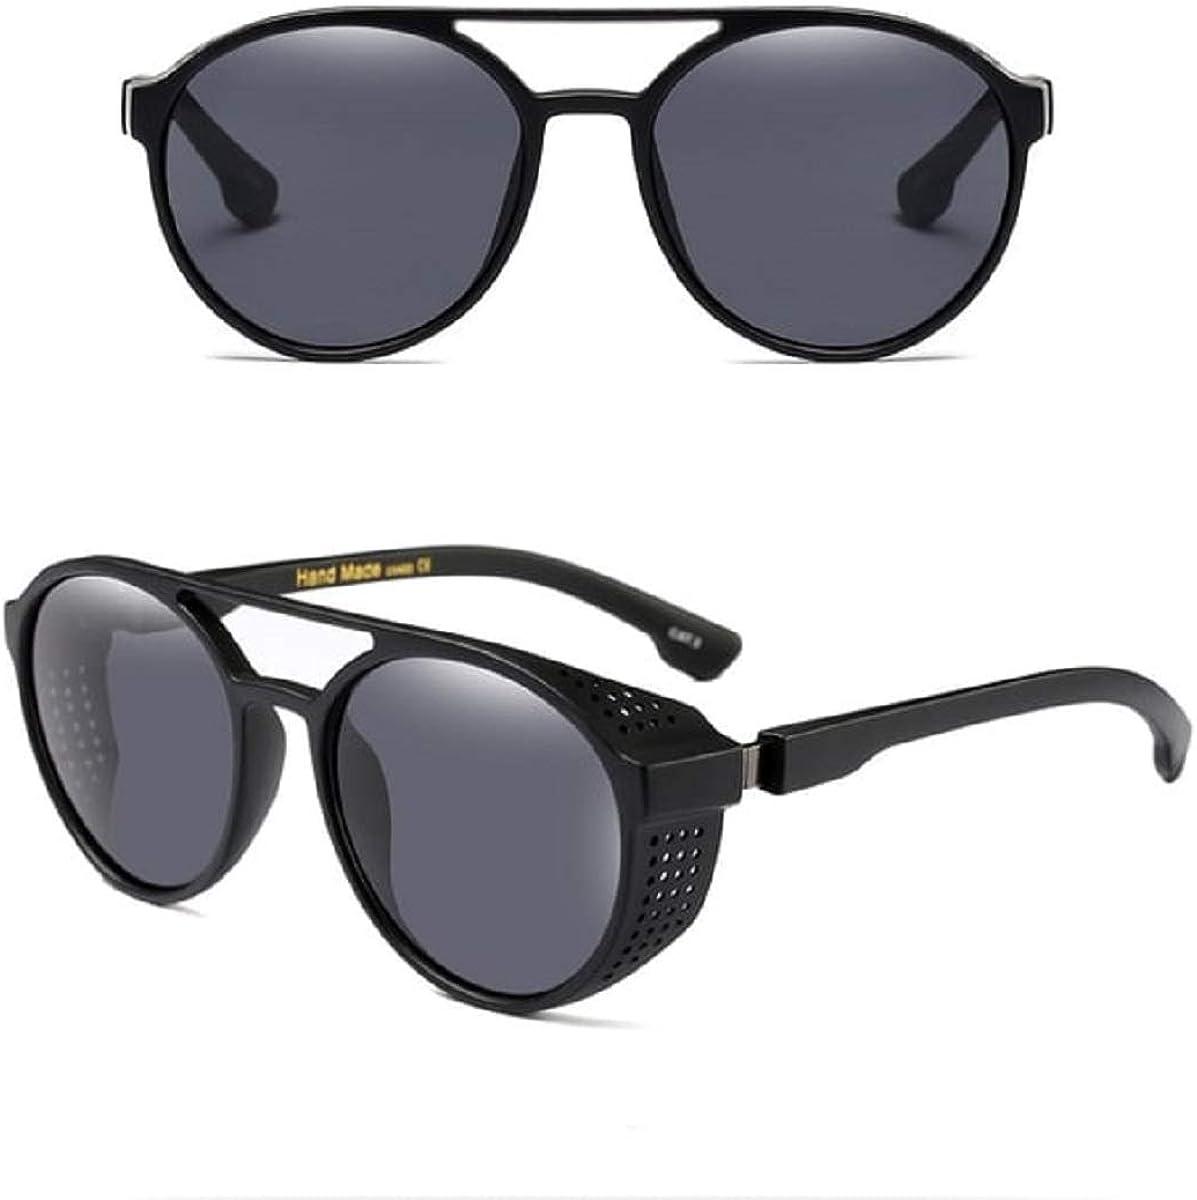 Gafas de sol Steampunk estilo gótico, retro, círculo redondo, con persianas laterales, estilo punk, emogótico, soldadura, estilo vintage, cosplay, resistente al viento, lentes tintadas, para disfraz